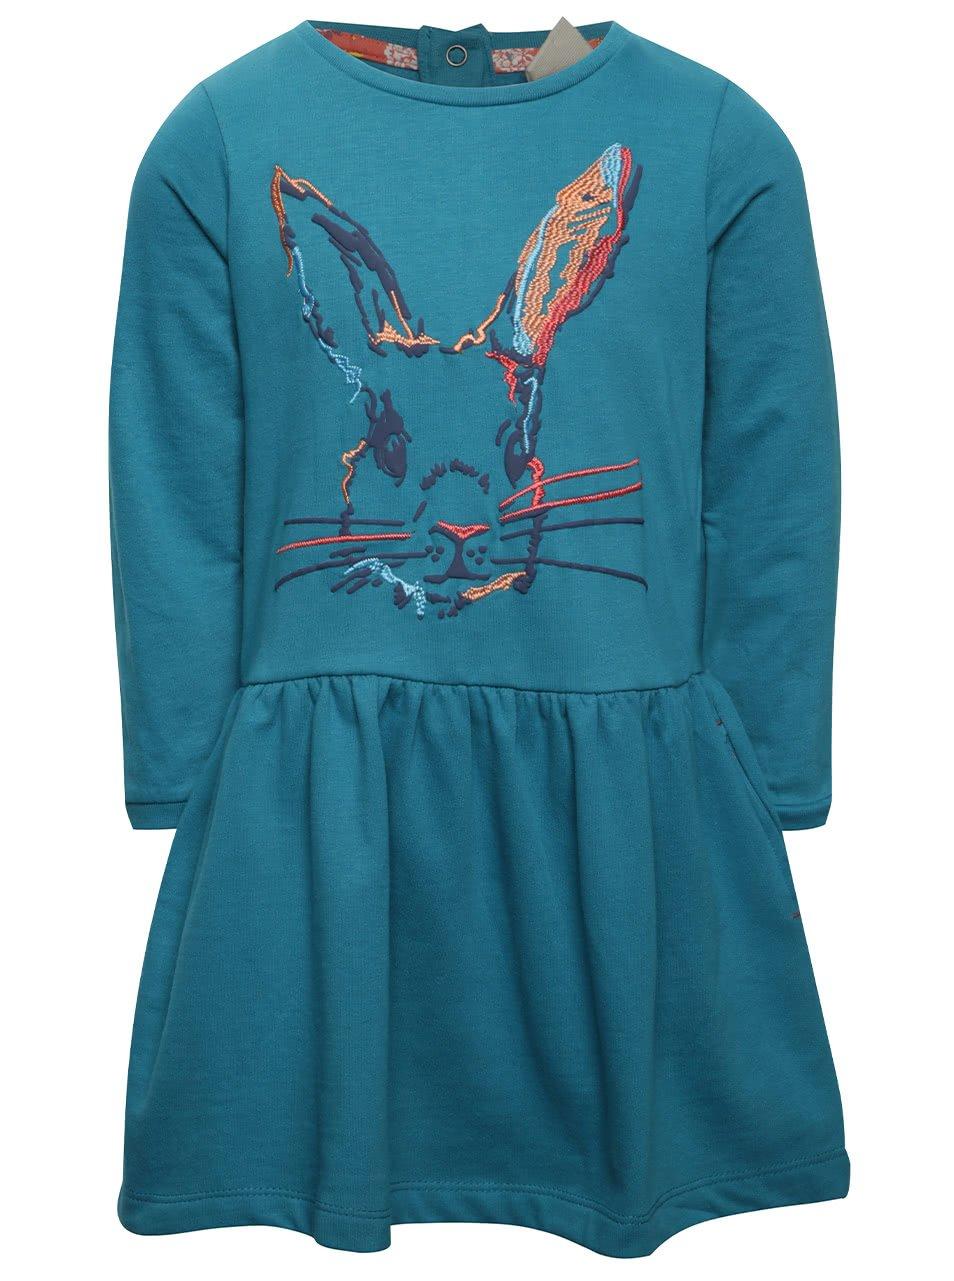 Petrolejové holčičí šaty s barevným motivem králíka 5.10.15.